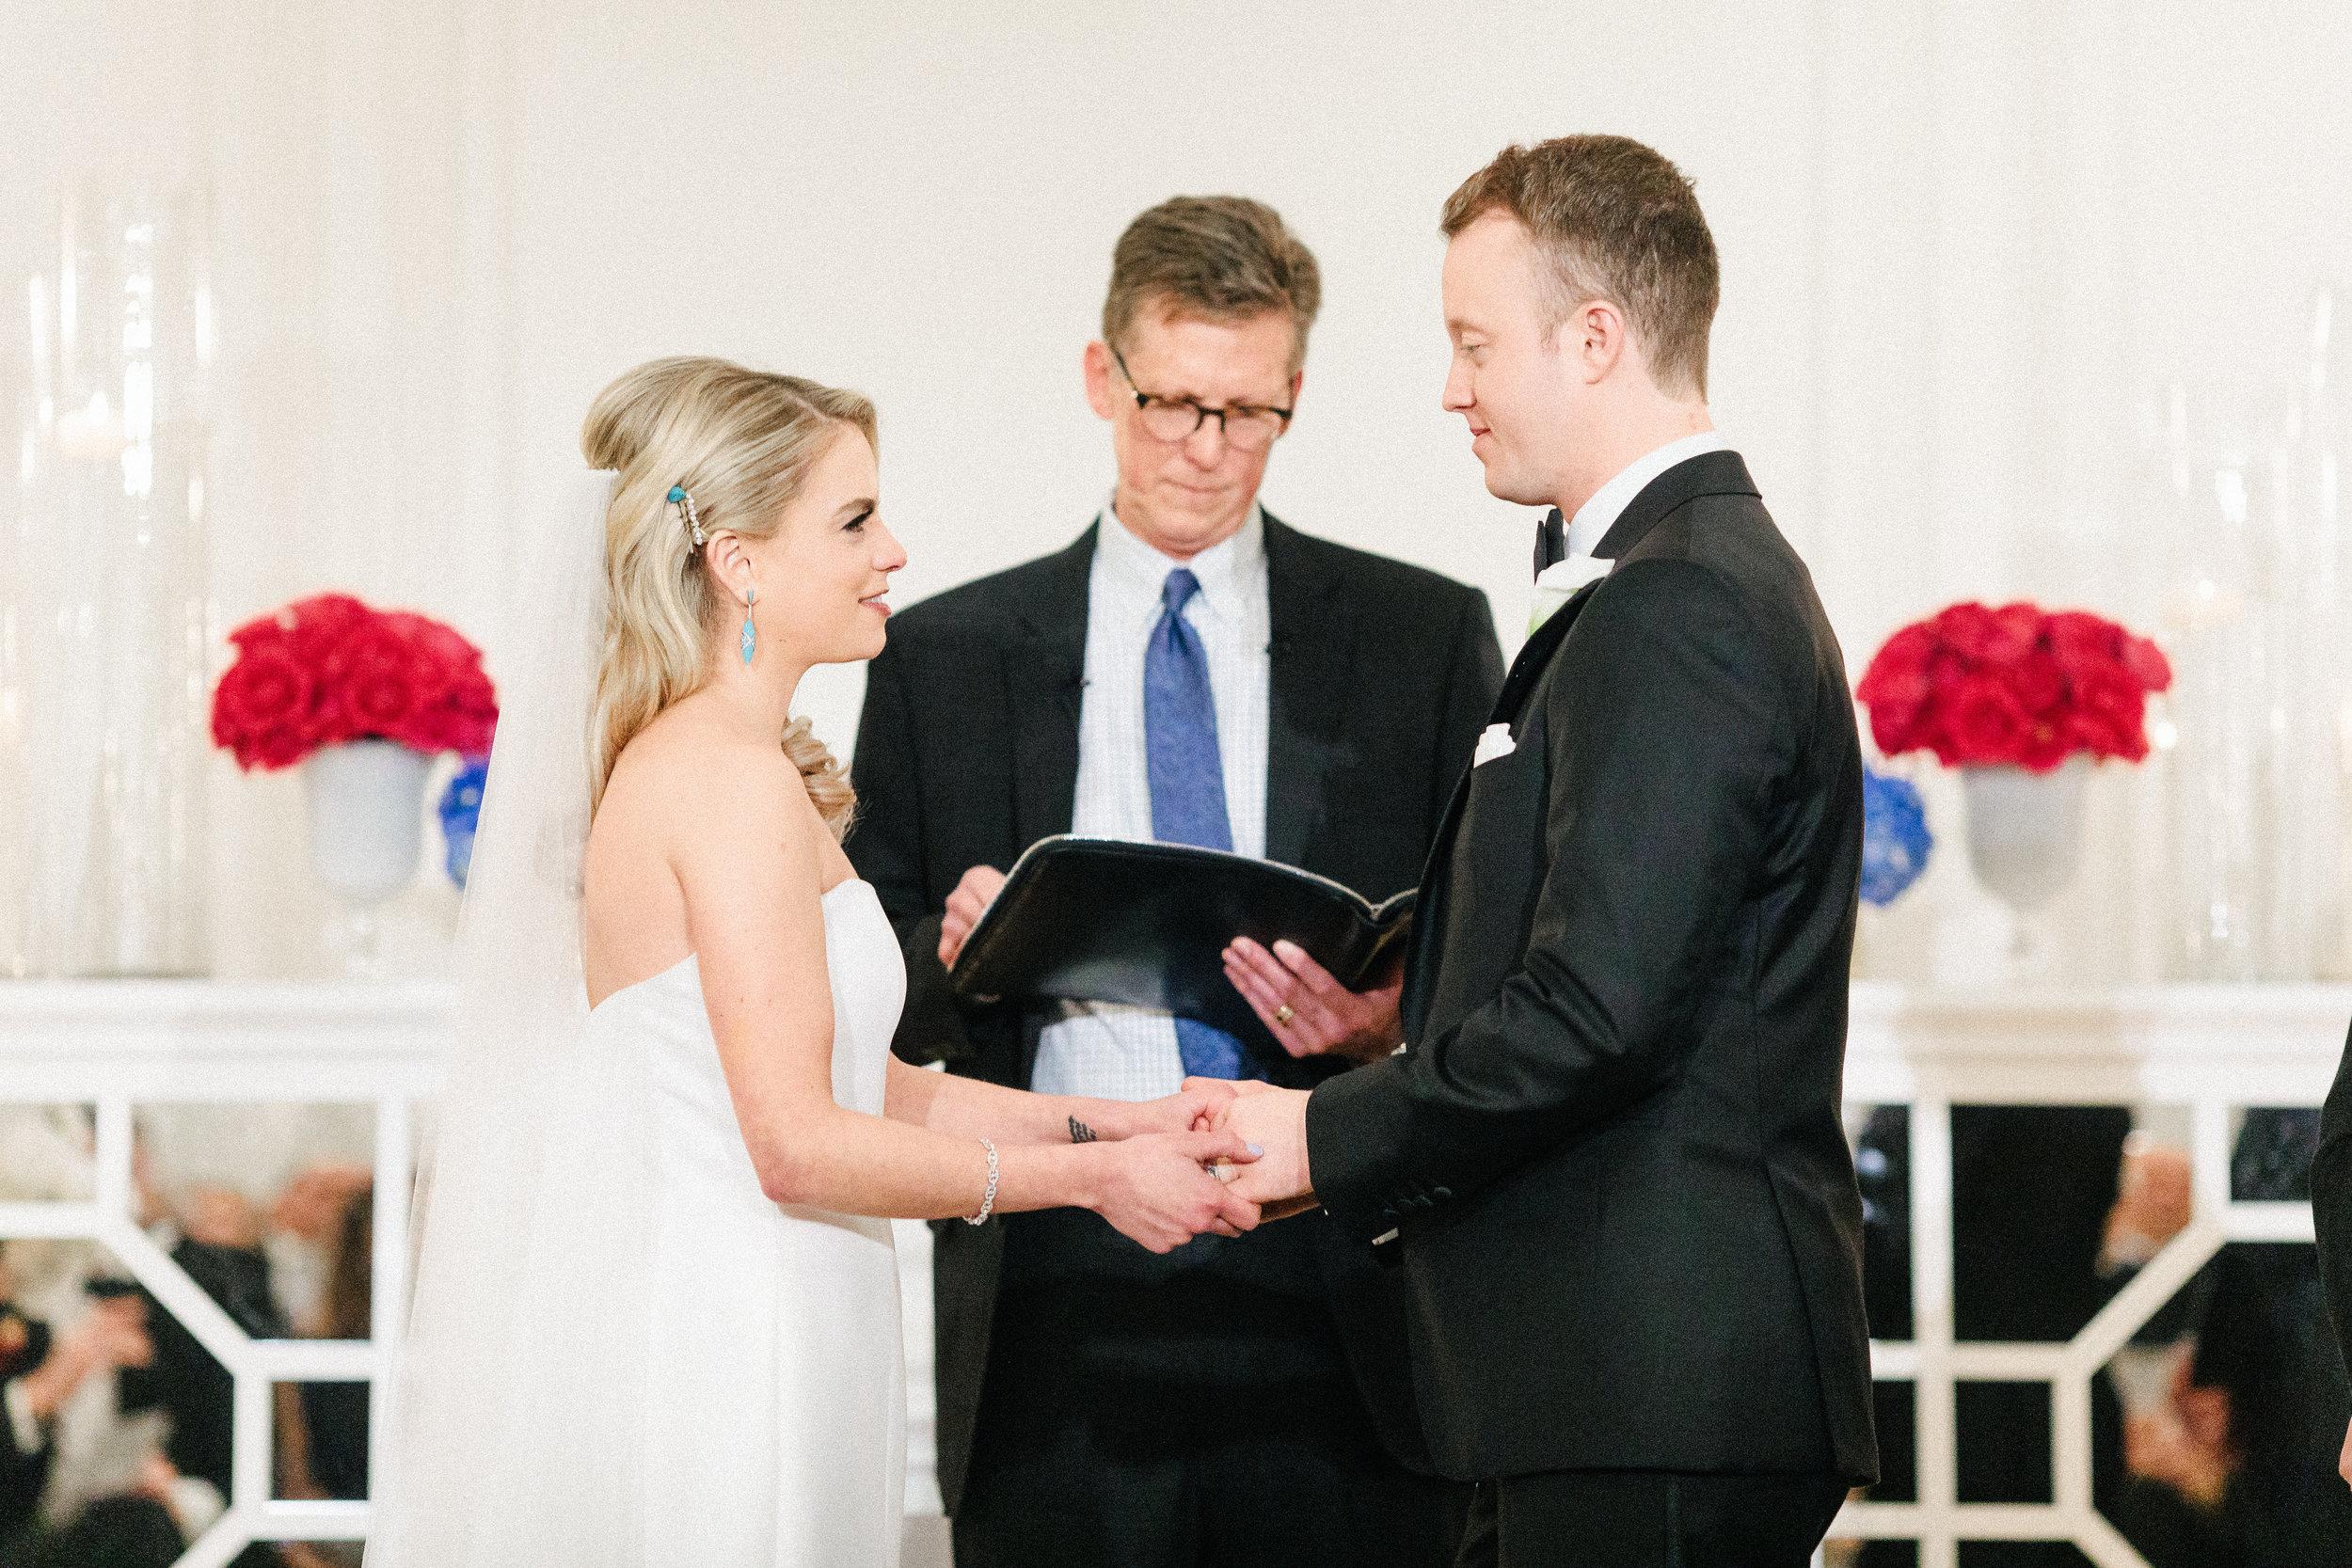 Ceremony - Adolphus Wedding - Dallas Wedding Planner - Allday Events - 69.jpg